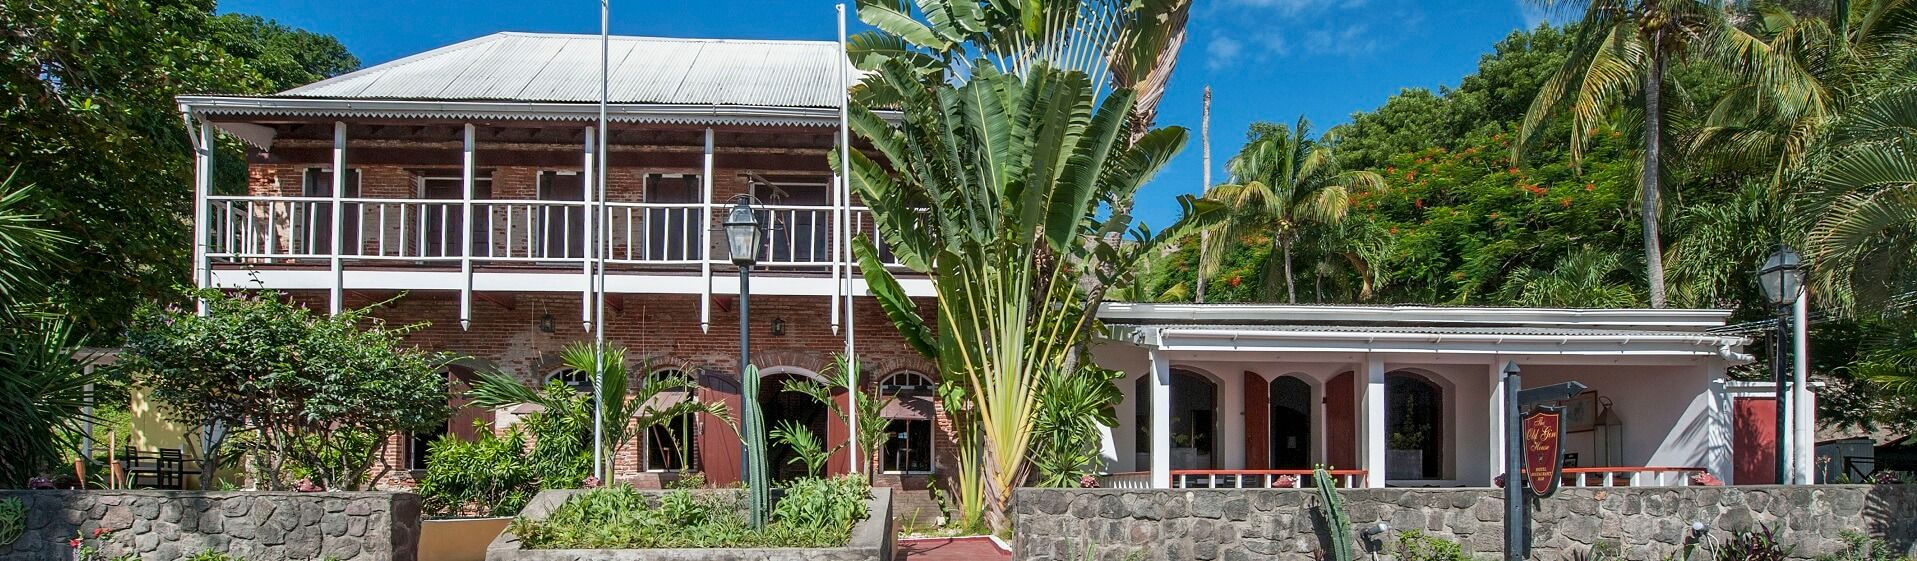 Urlaub auf St. Eustatius